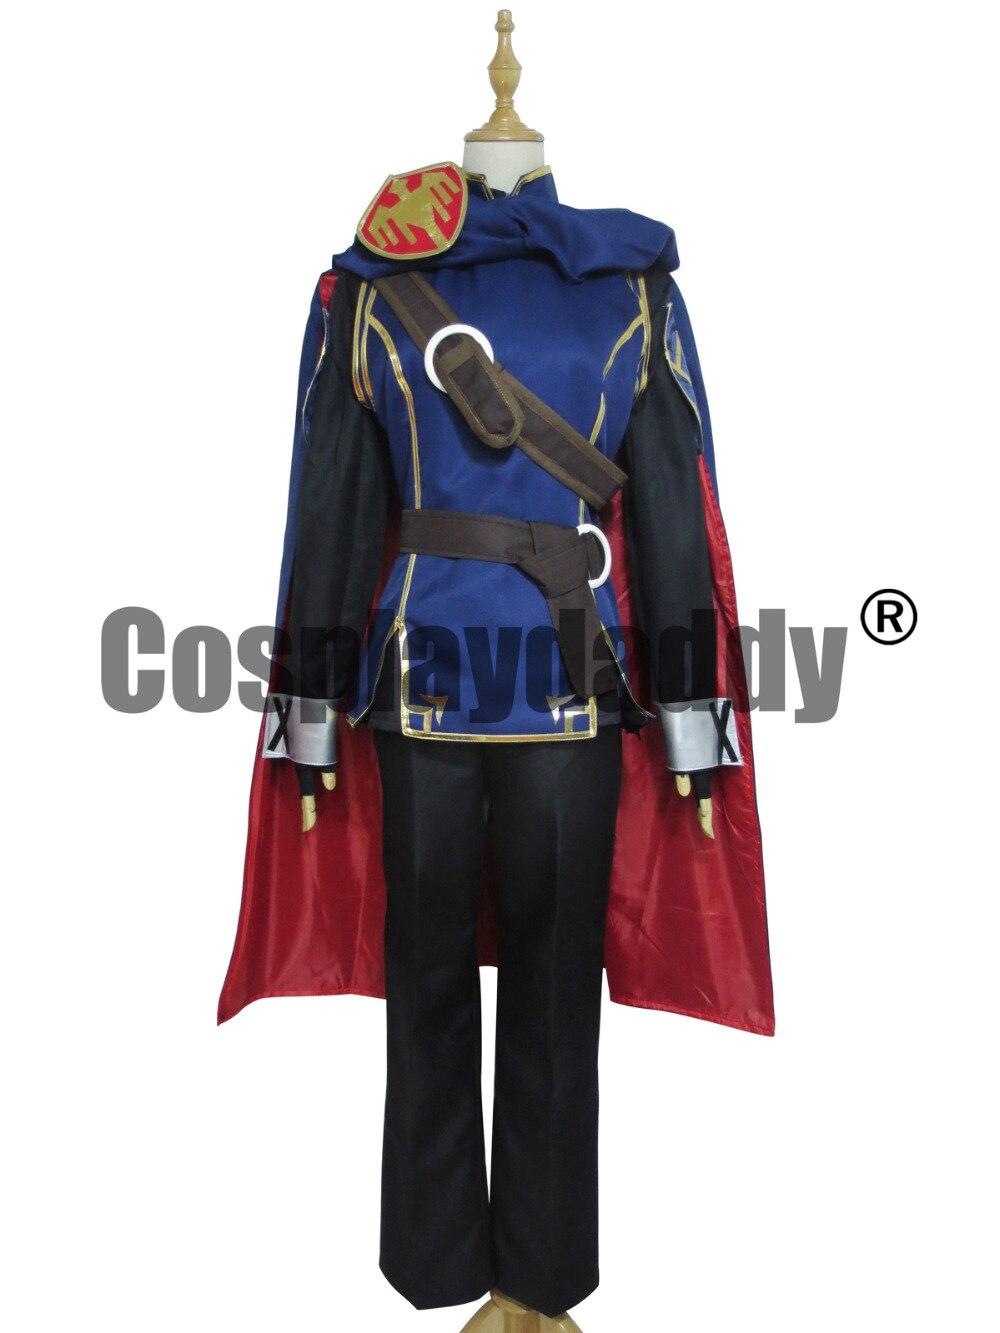 Fire Emblem Пробуждение lucina battleframe Хэллоуин равномерное Косплэй костюм